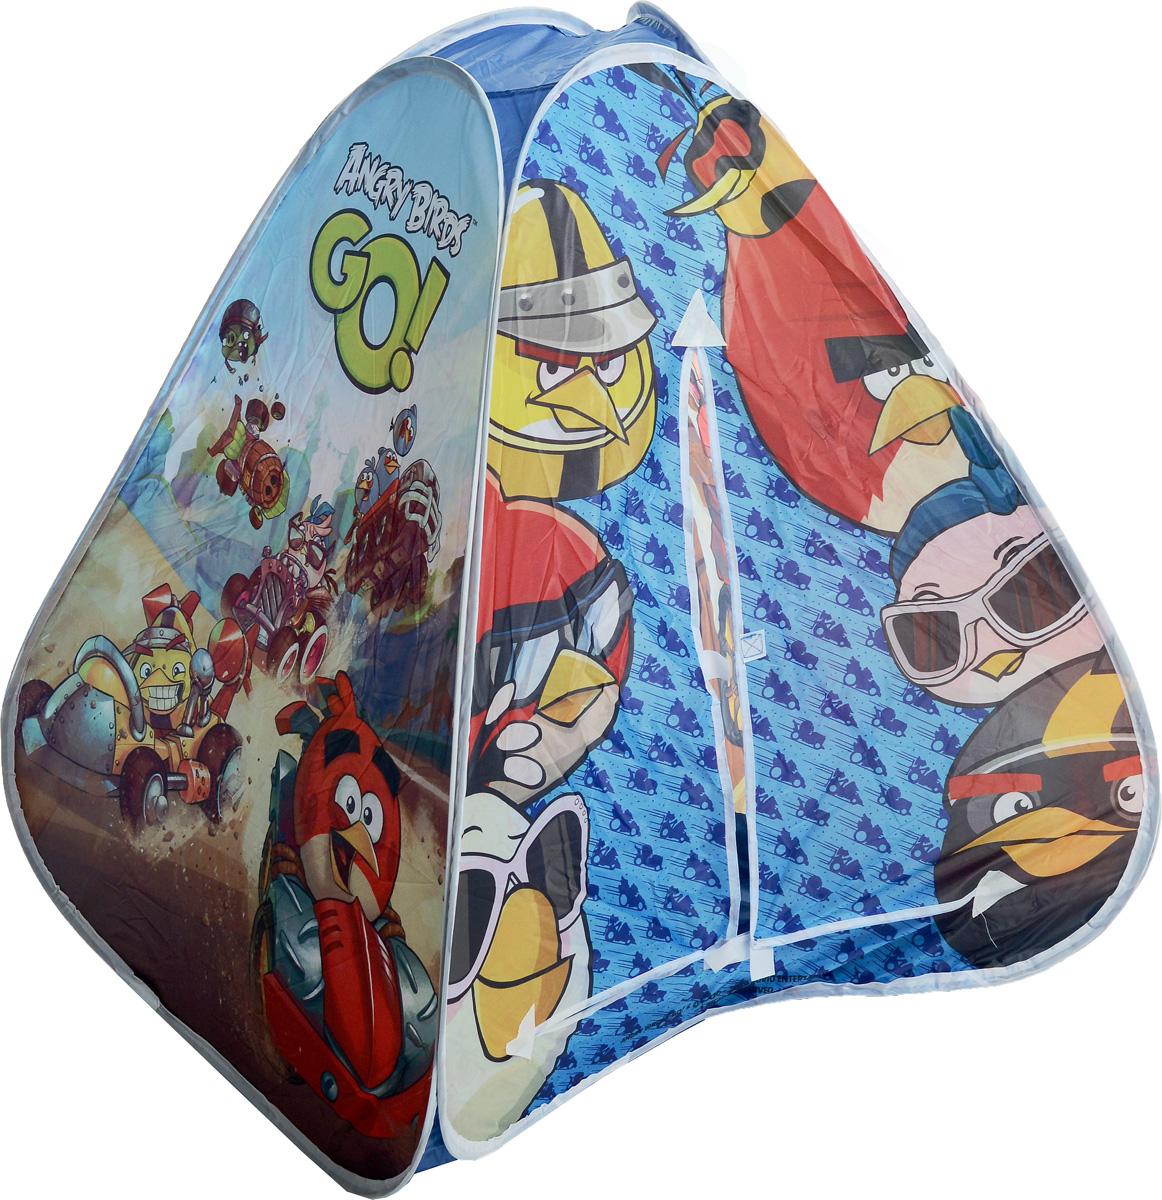 1TOY Детская игровая палатка Angry Birds Go в сумке 90 х 80 х 80 смТ57507Играть дома или на природе лучше с индивидуальным детским домиком. А если этот домик оформлен в стиле такой любимой малышом игры, то и вовсе, нет ему цены. Он может захватить внимание малыша, при этом он лёгкий в переноске и воздухопроницаемый. Даже если всё время на природе малыш проведёт в нём, он подышит свежим воздухом.